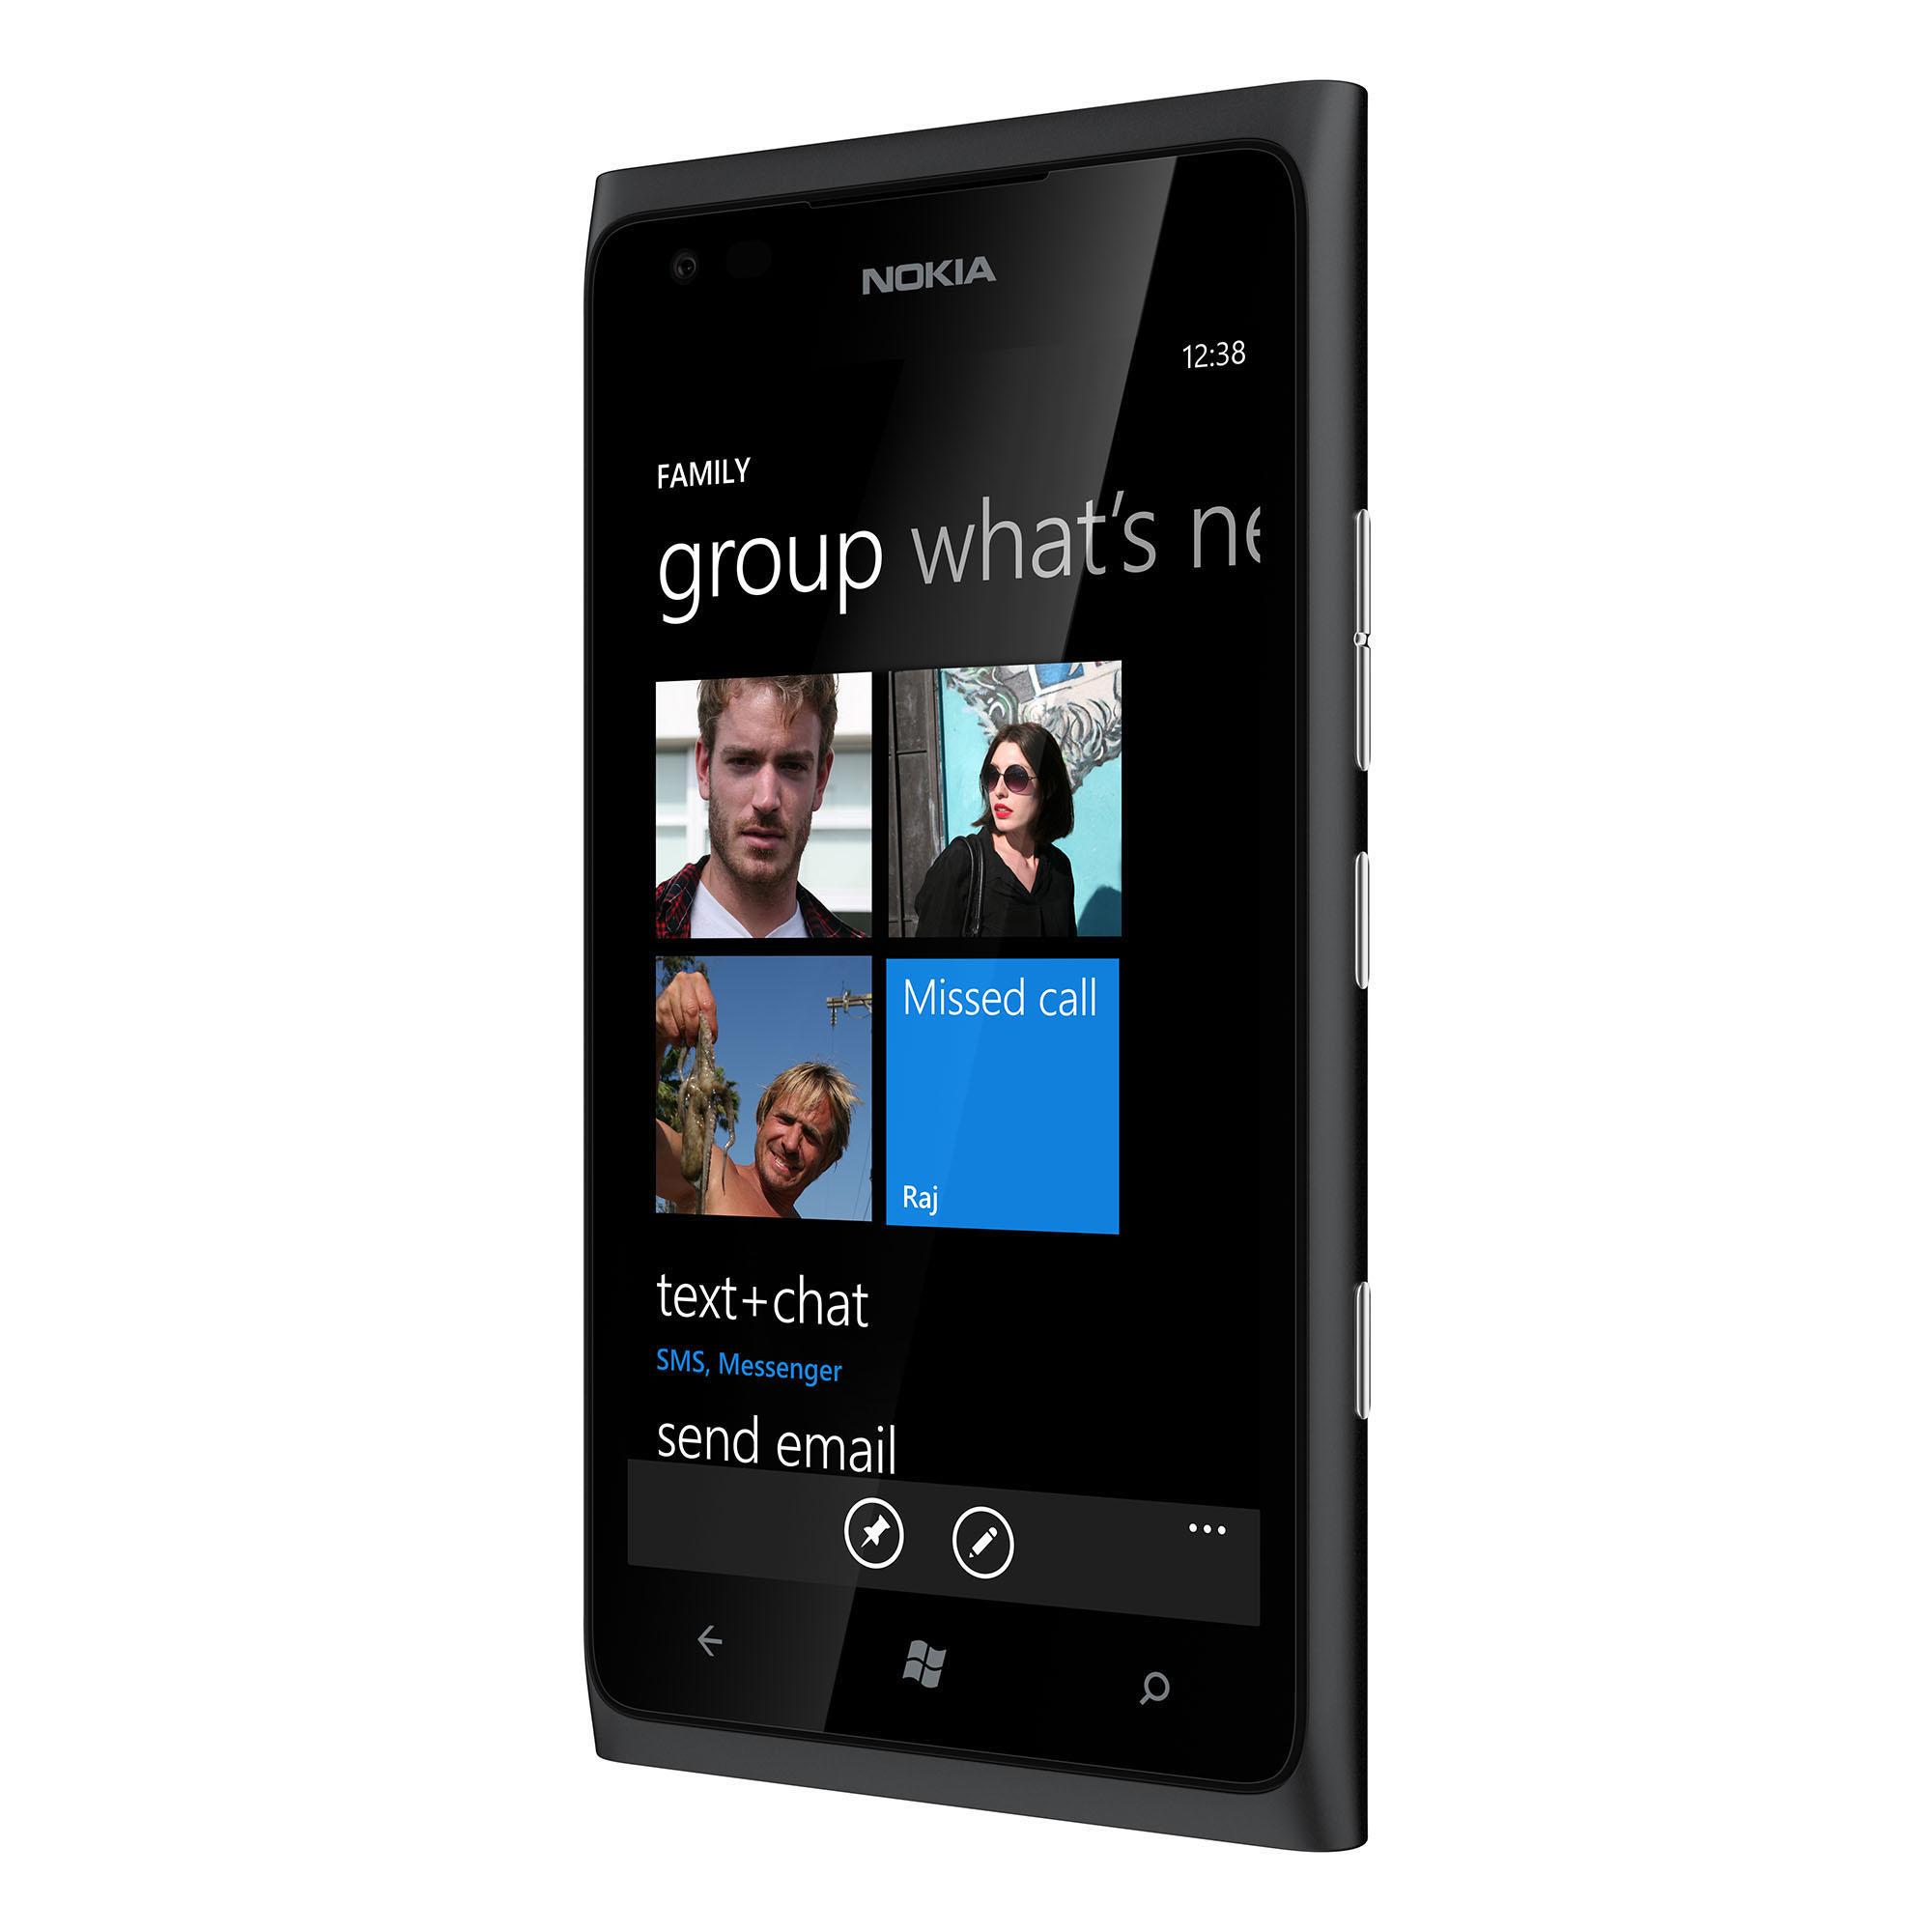 New Nokia Phone 2012 New Smart Phones 2012 c Photo